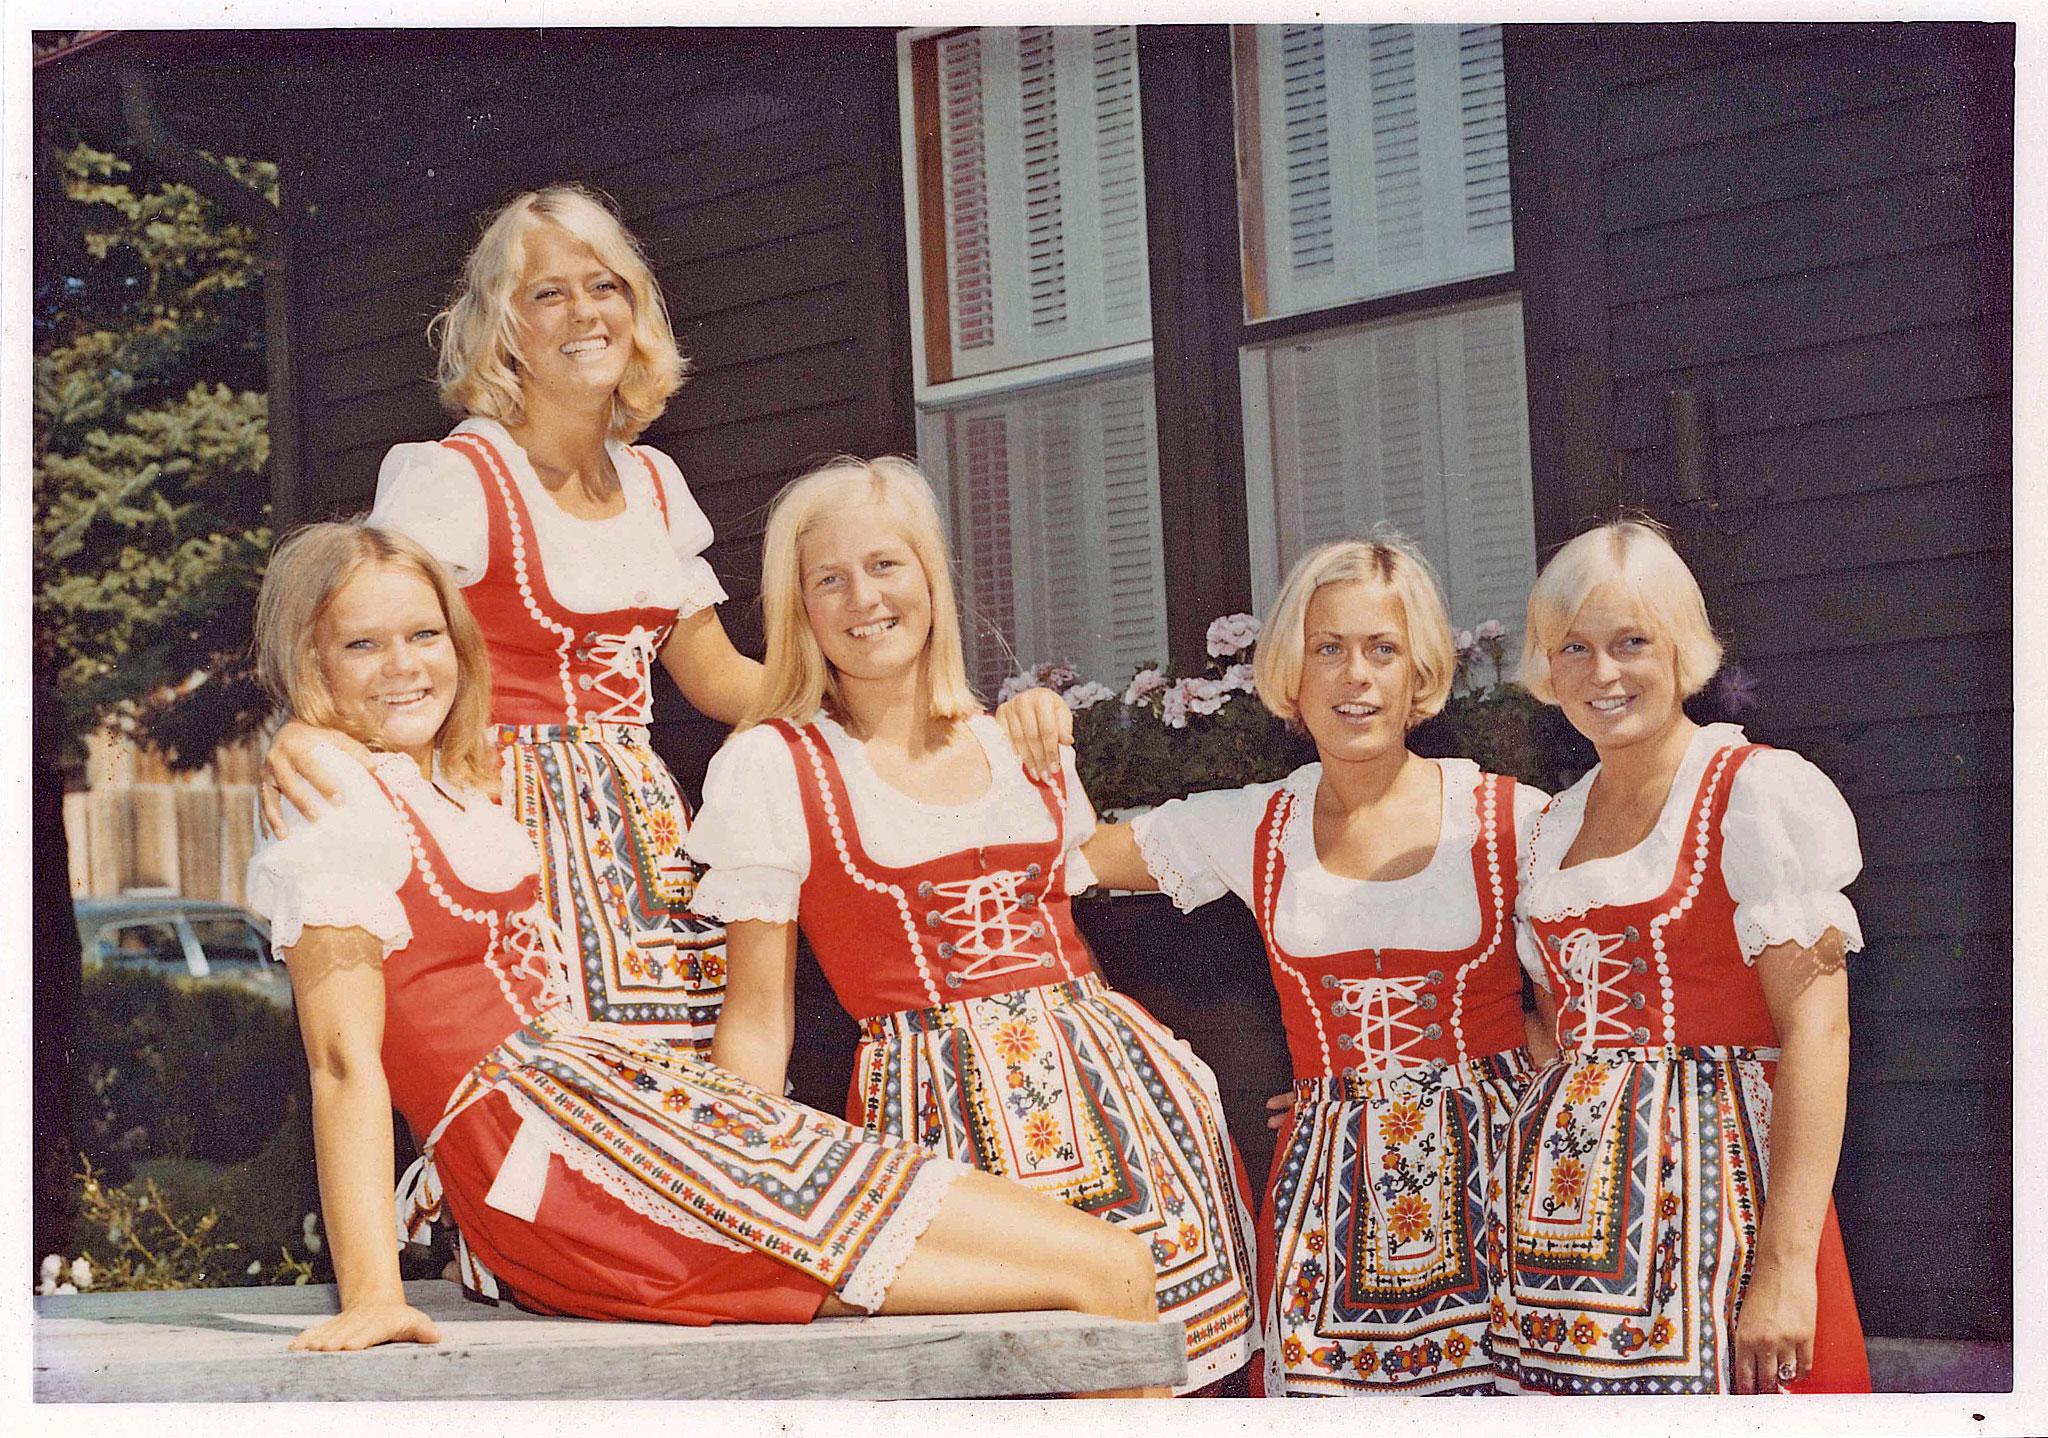 Swedish waitresses 1972